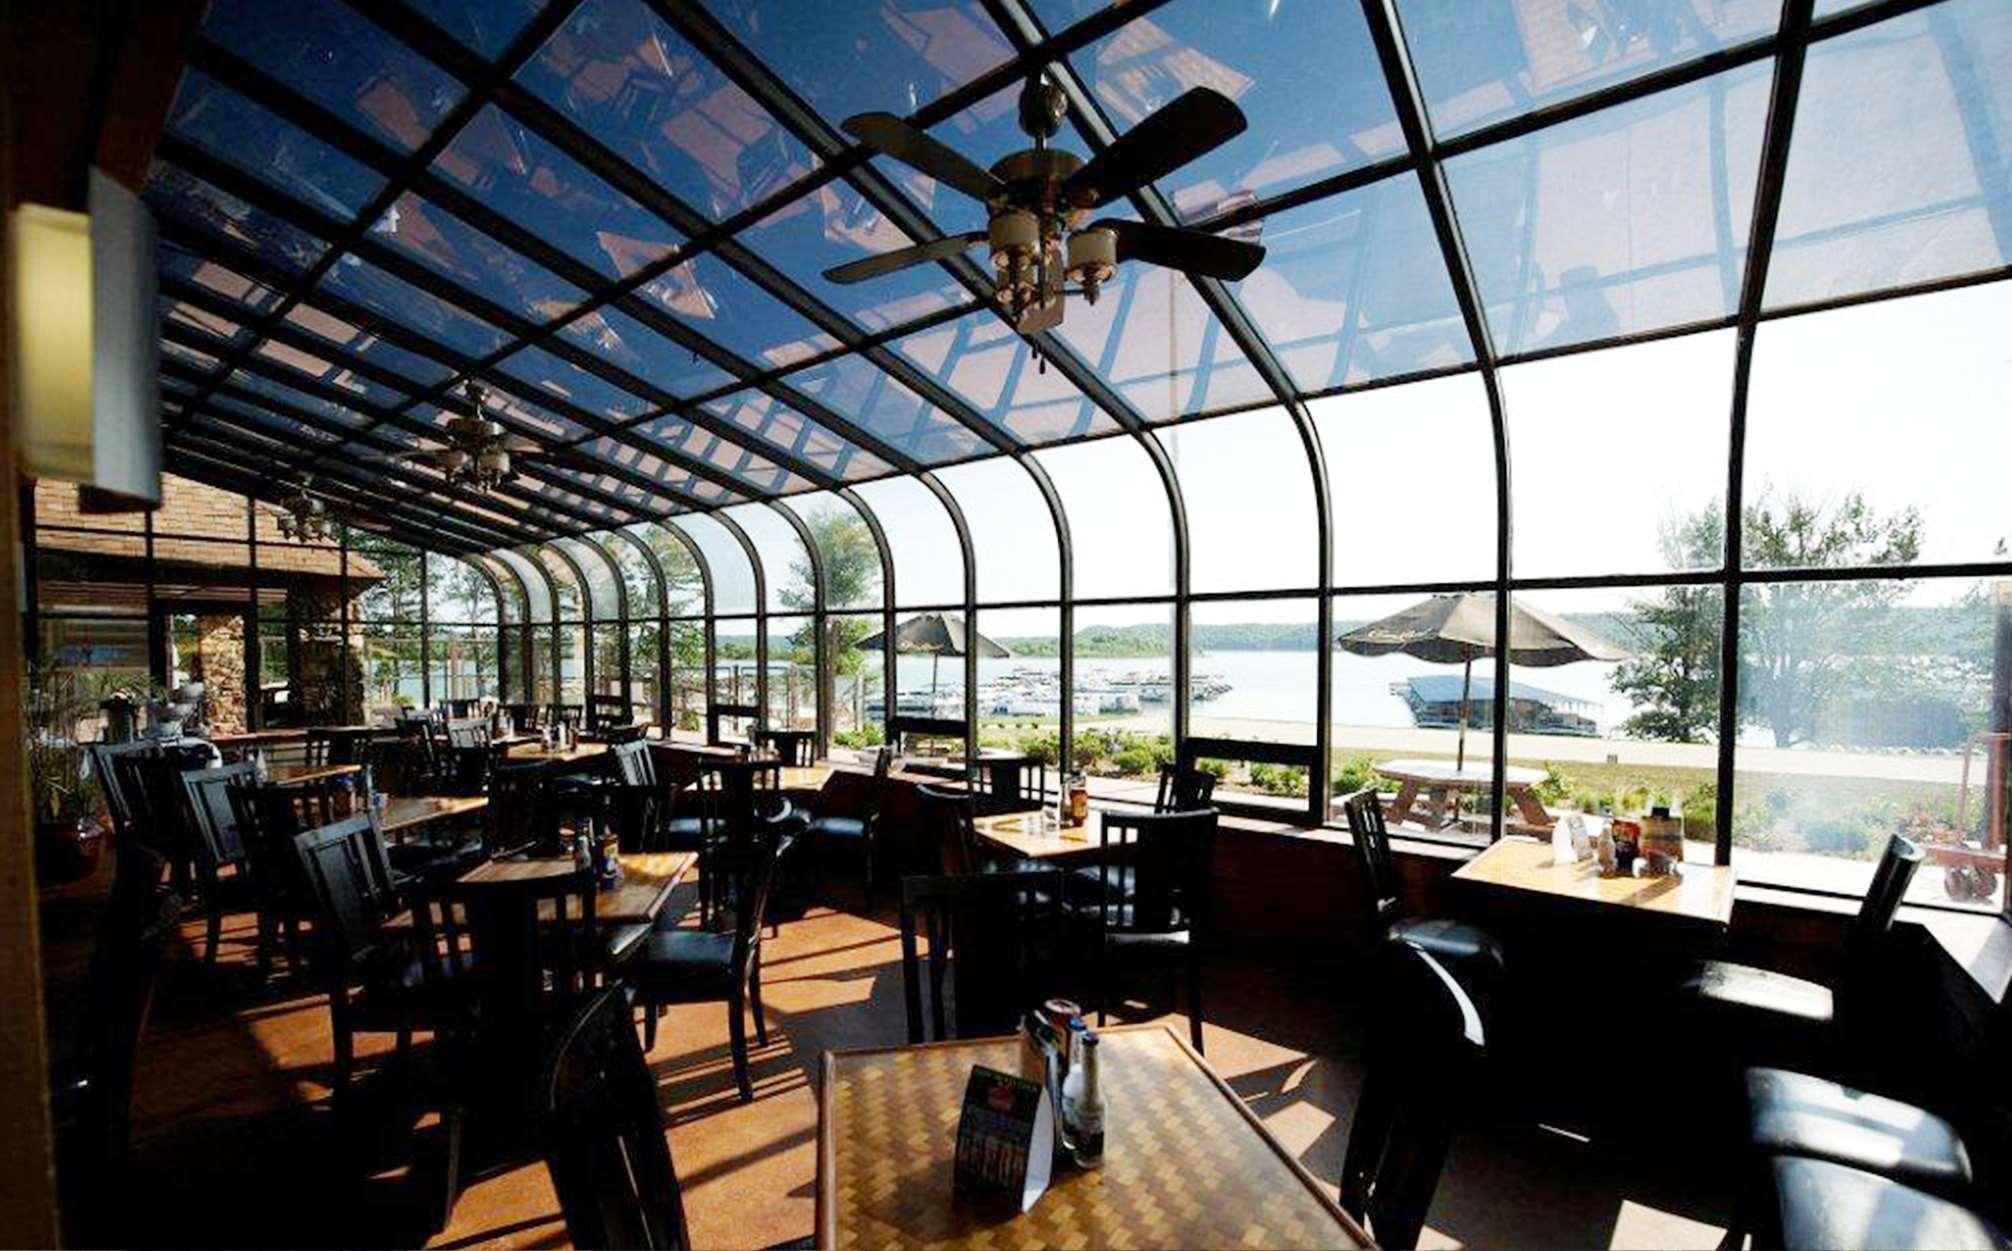 restaurant slider 04 img 1 1